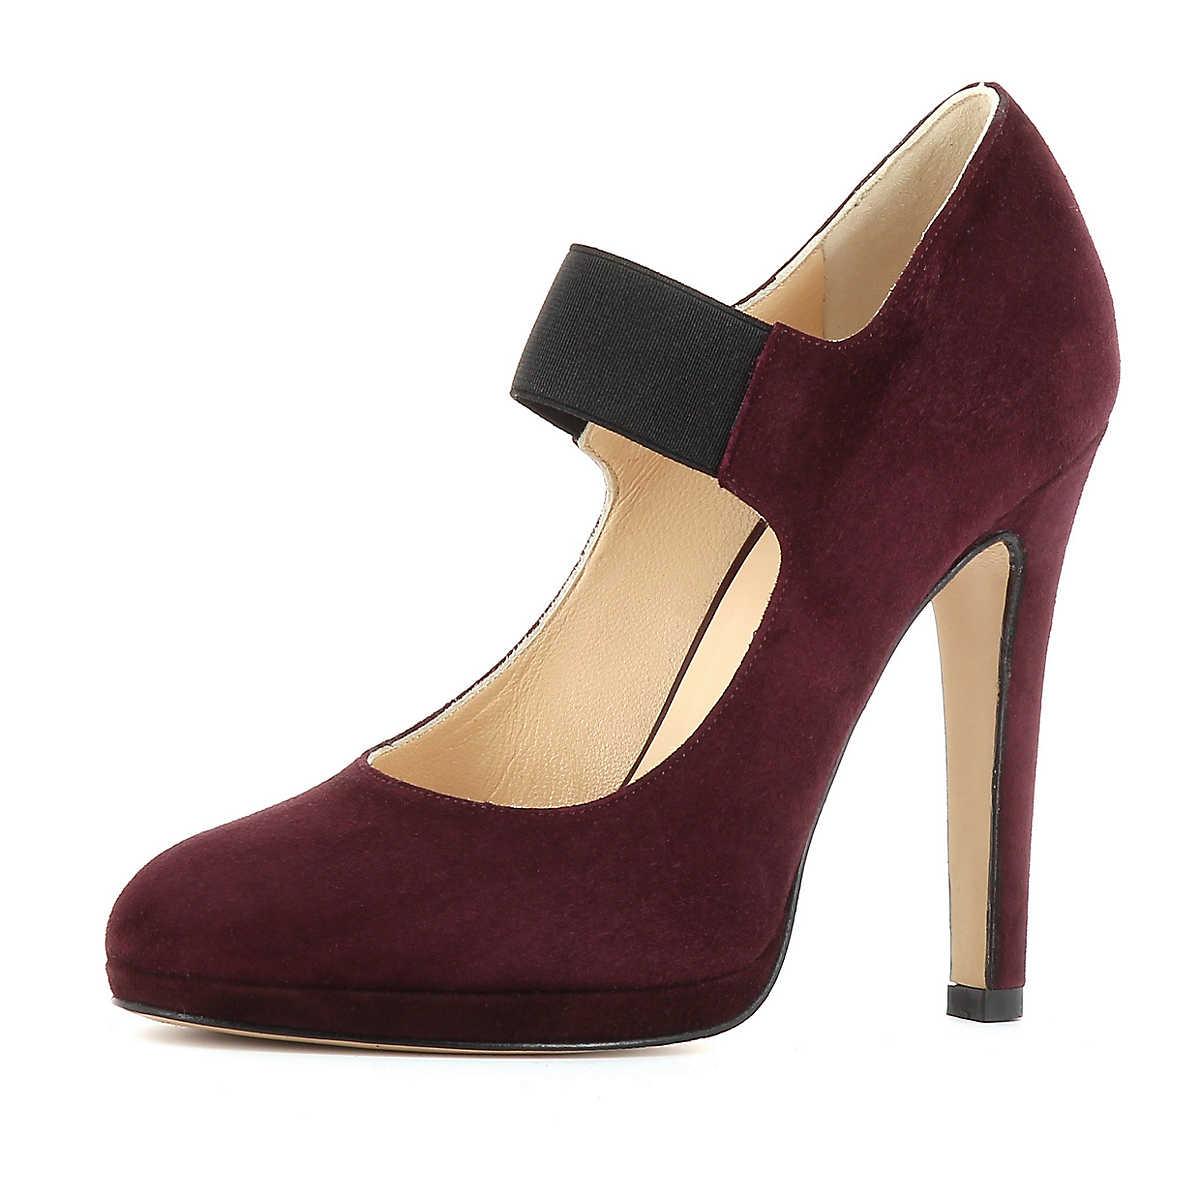 Evita Shoes Pumps bordeaux - Evita Shoes - Pumps - Schuhe - mirapodo.de